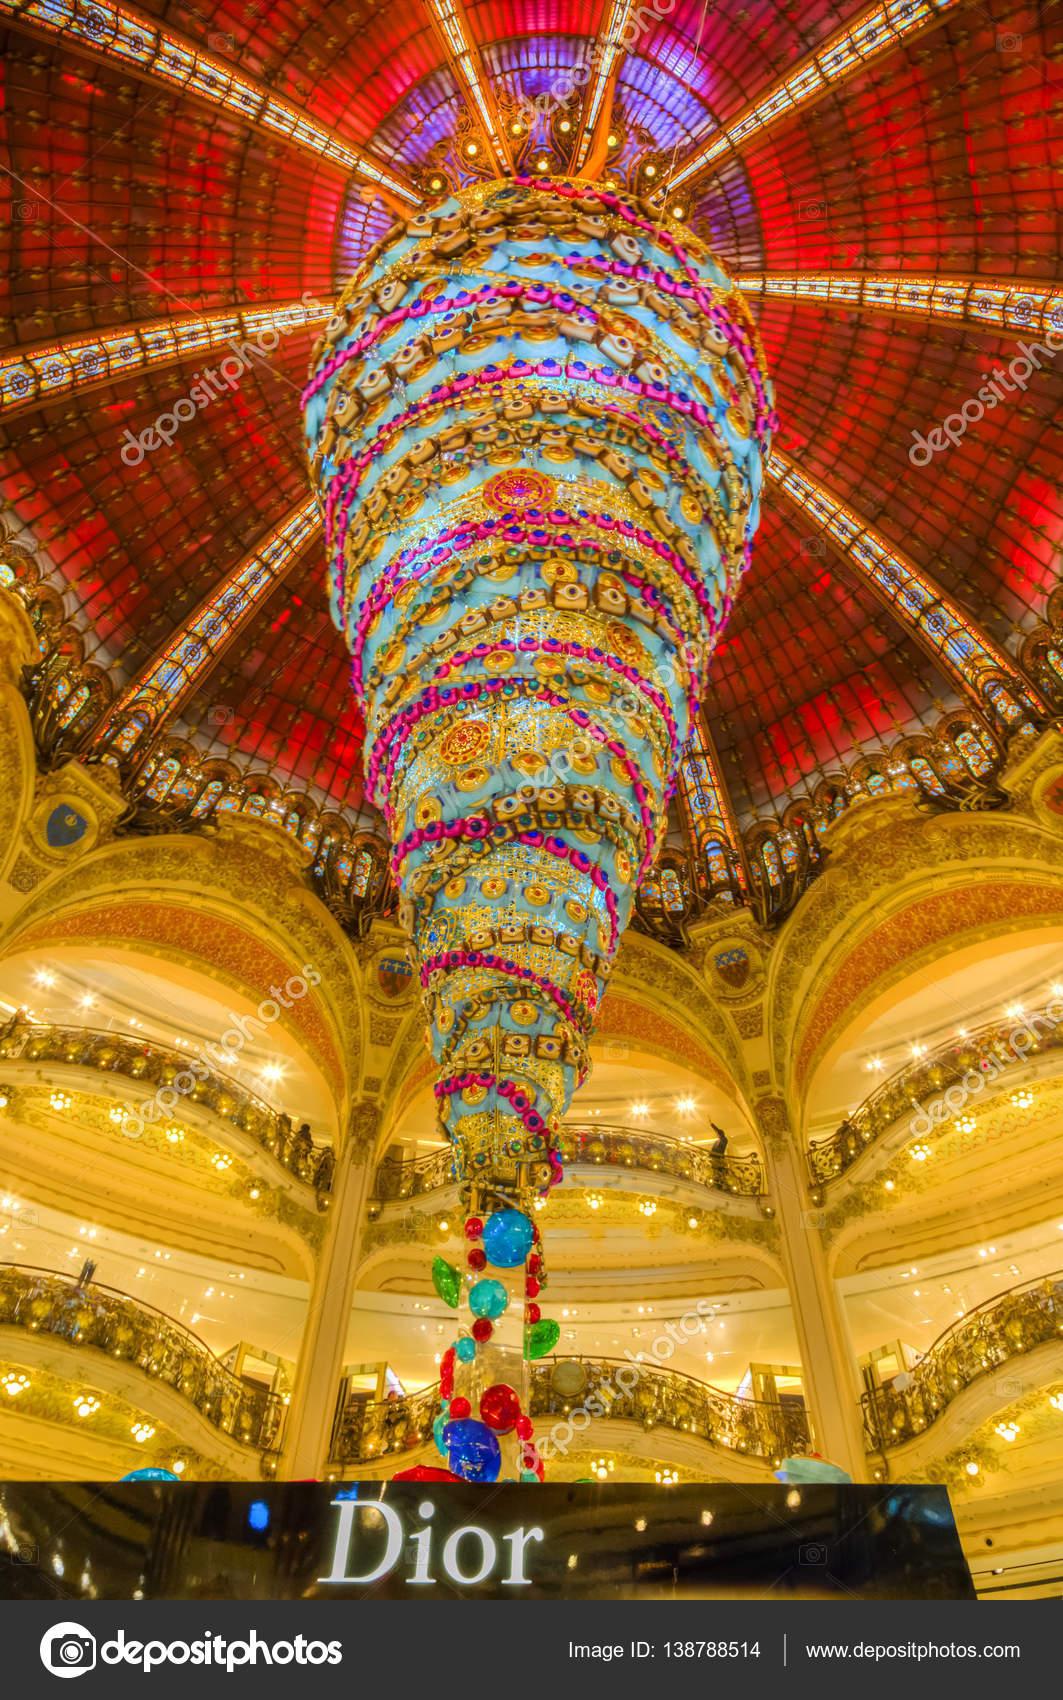 ea8005ee240c Париж, Франция - 21 декабря 2014 года  Верхняя часть стенда Dior и красивые  украшенные рождественские украшения в галереях Лафайет в Paris.